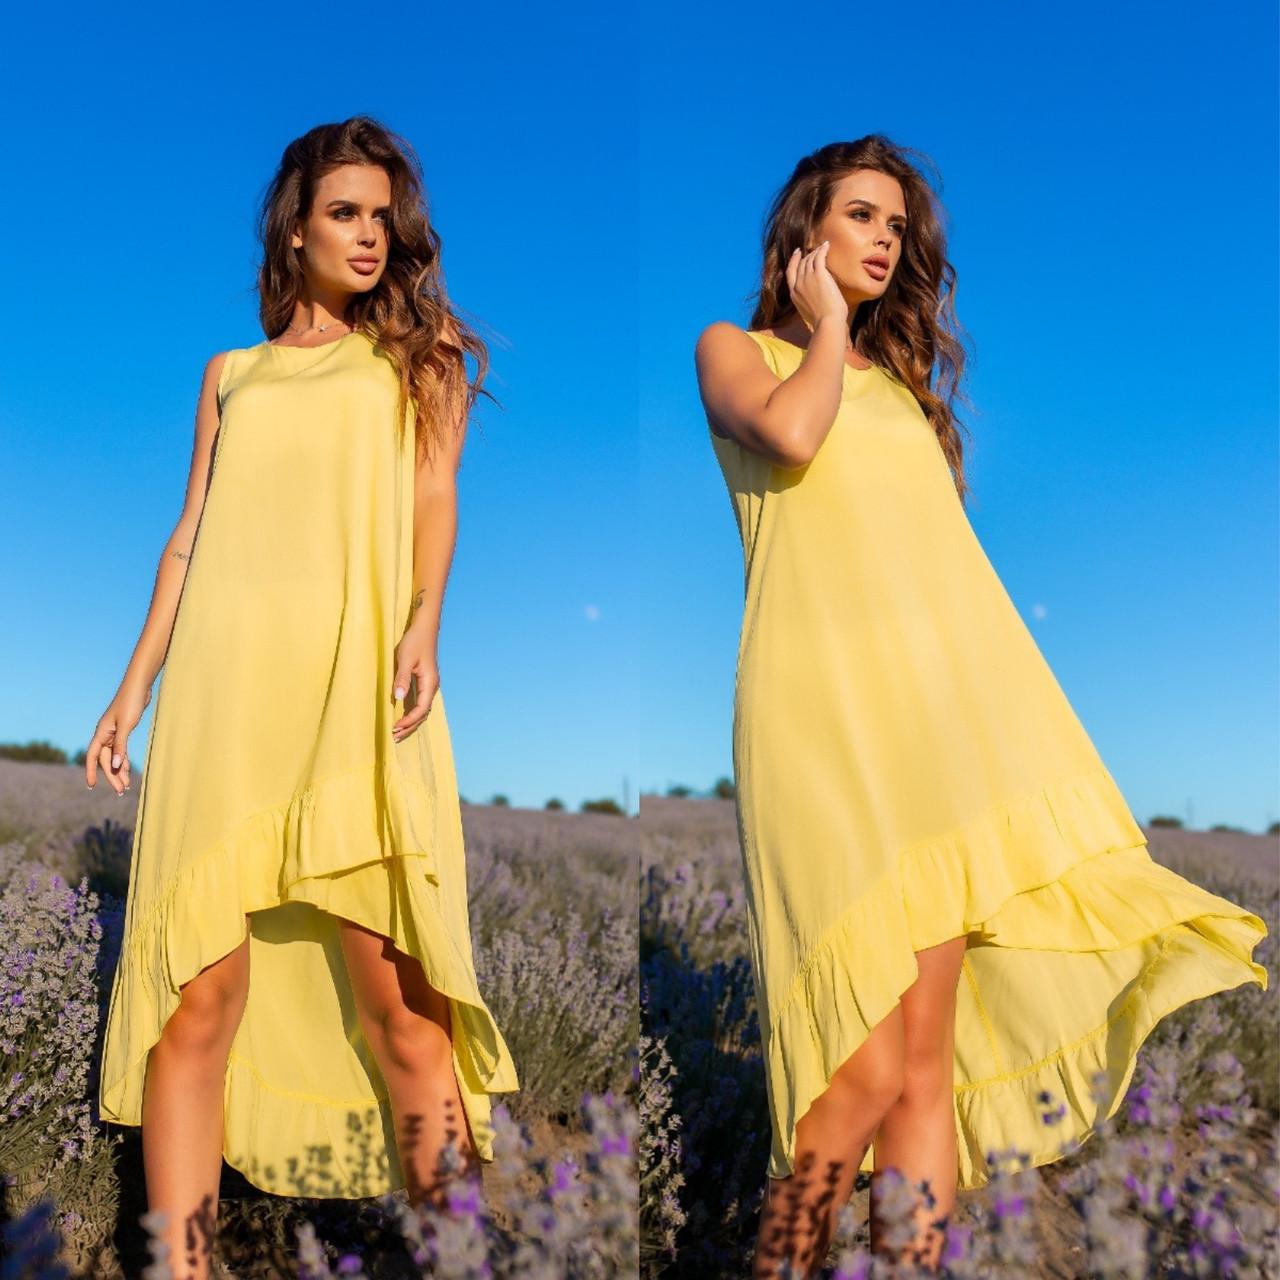 Яркий Красивый летний  женский сарафан желтого цвета с воланами из хлопка